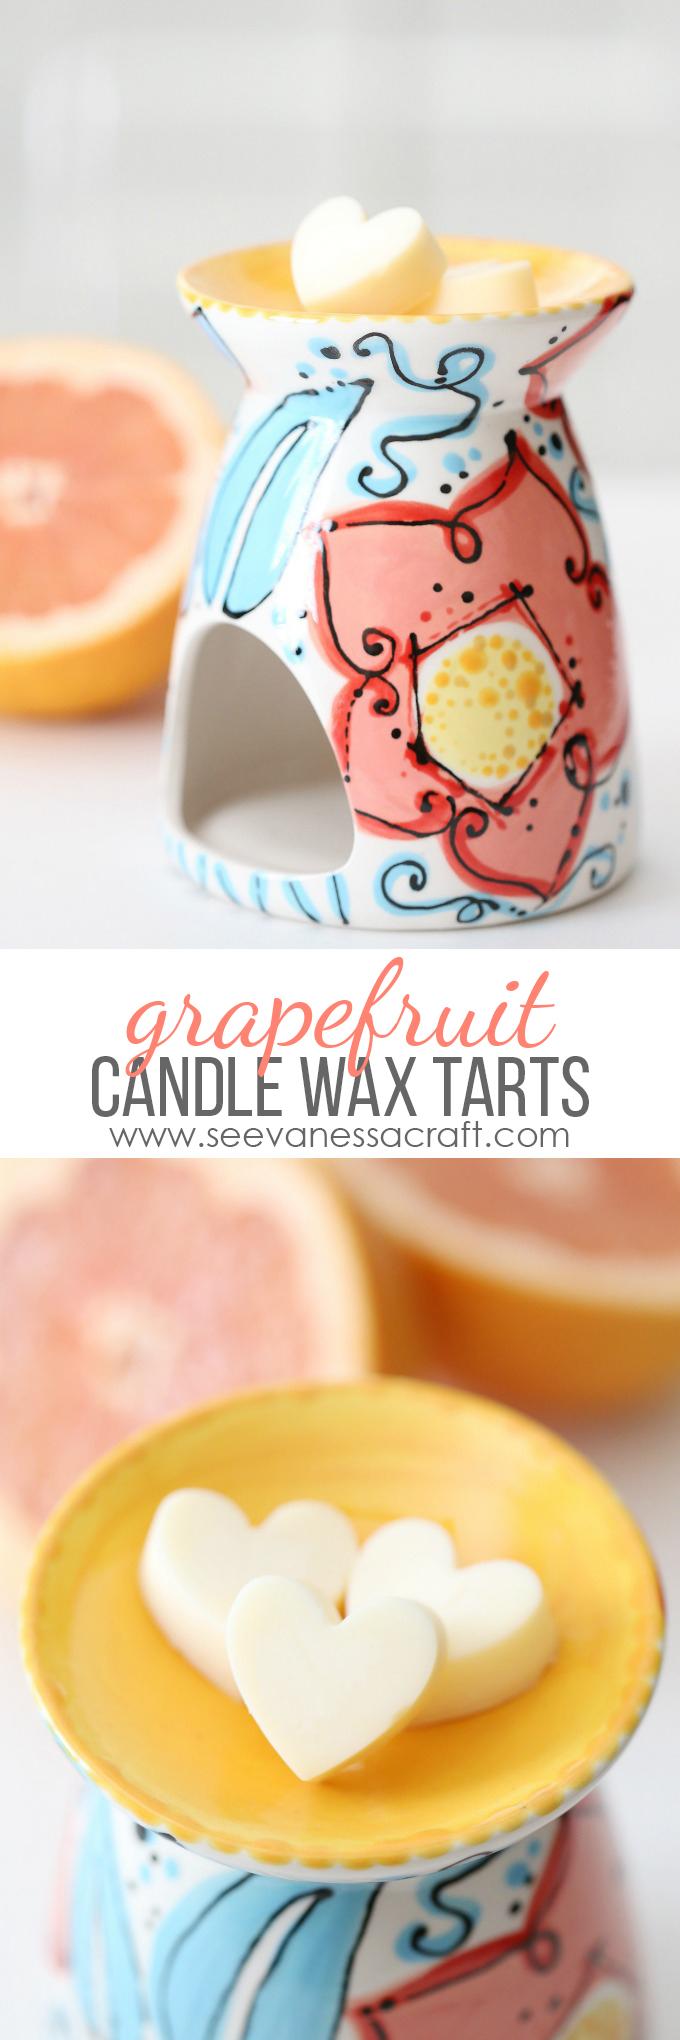 Grapefruit Candle Wax Tarts Recipe